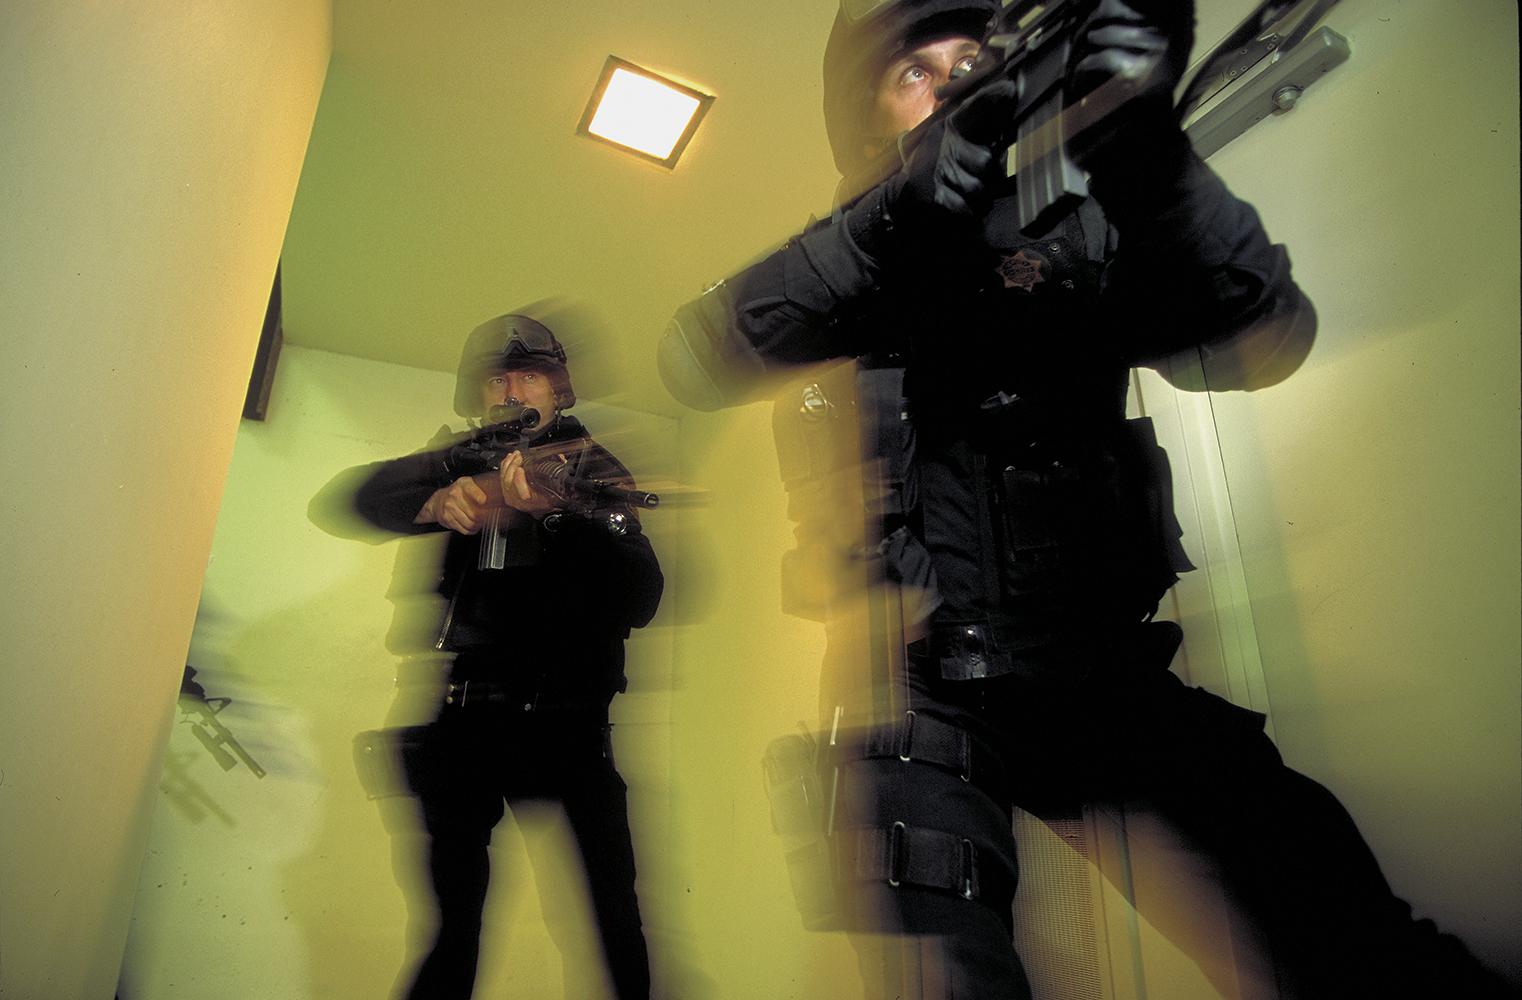 Swat_team_res-d_up_2X-94DF2-V1